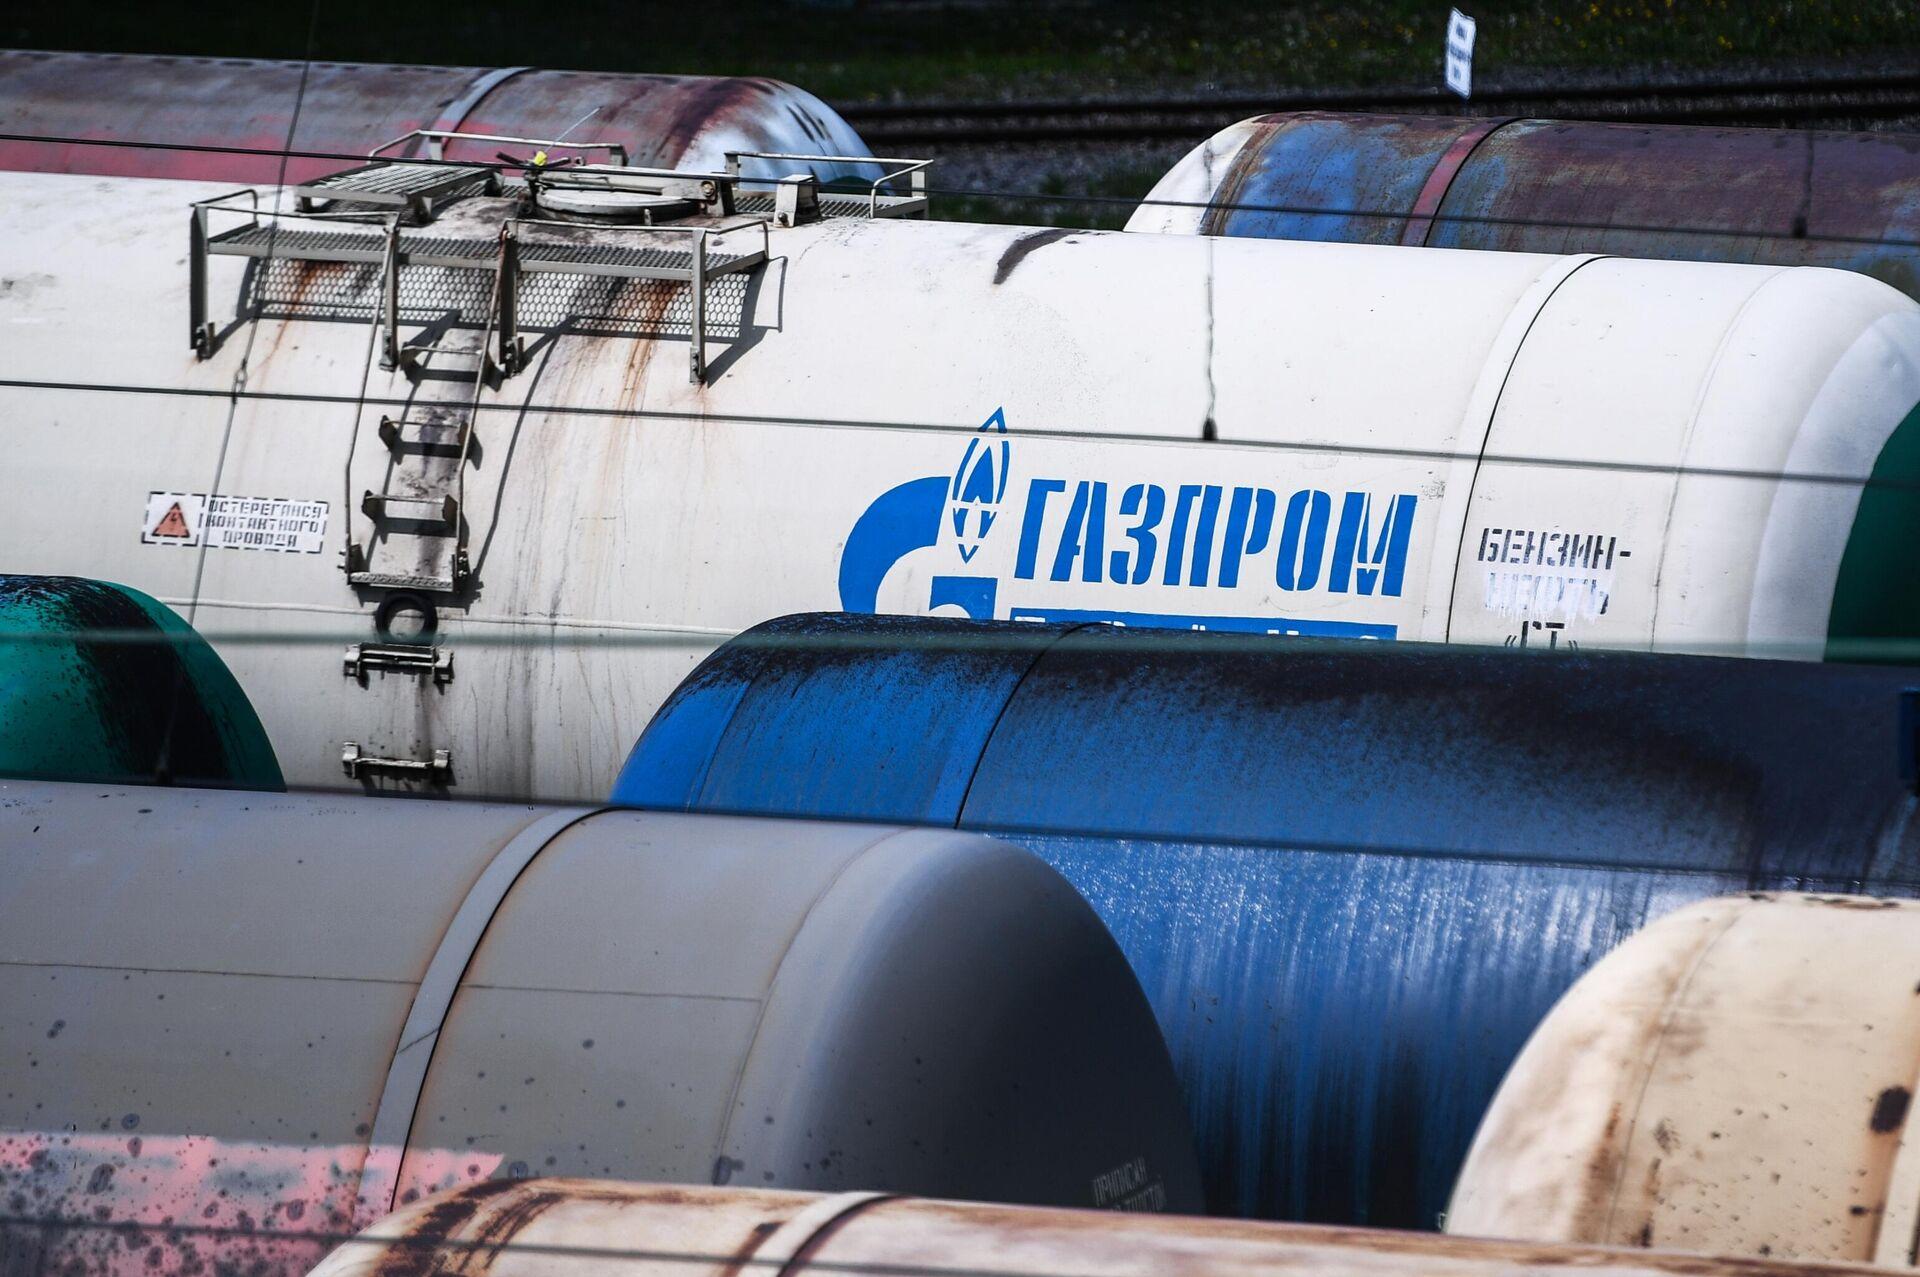 Железнодорожные вагоны-цистерны для перевозки нефти и топлива  - РИА Новости, 1920, 03.02.2021